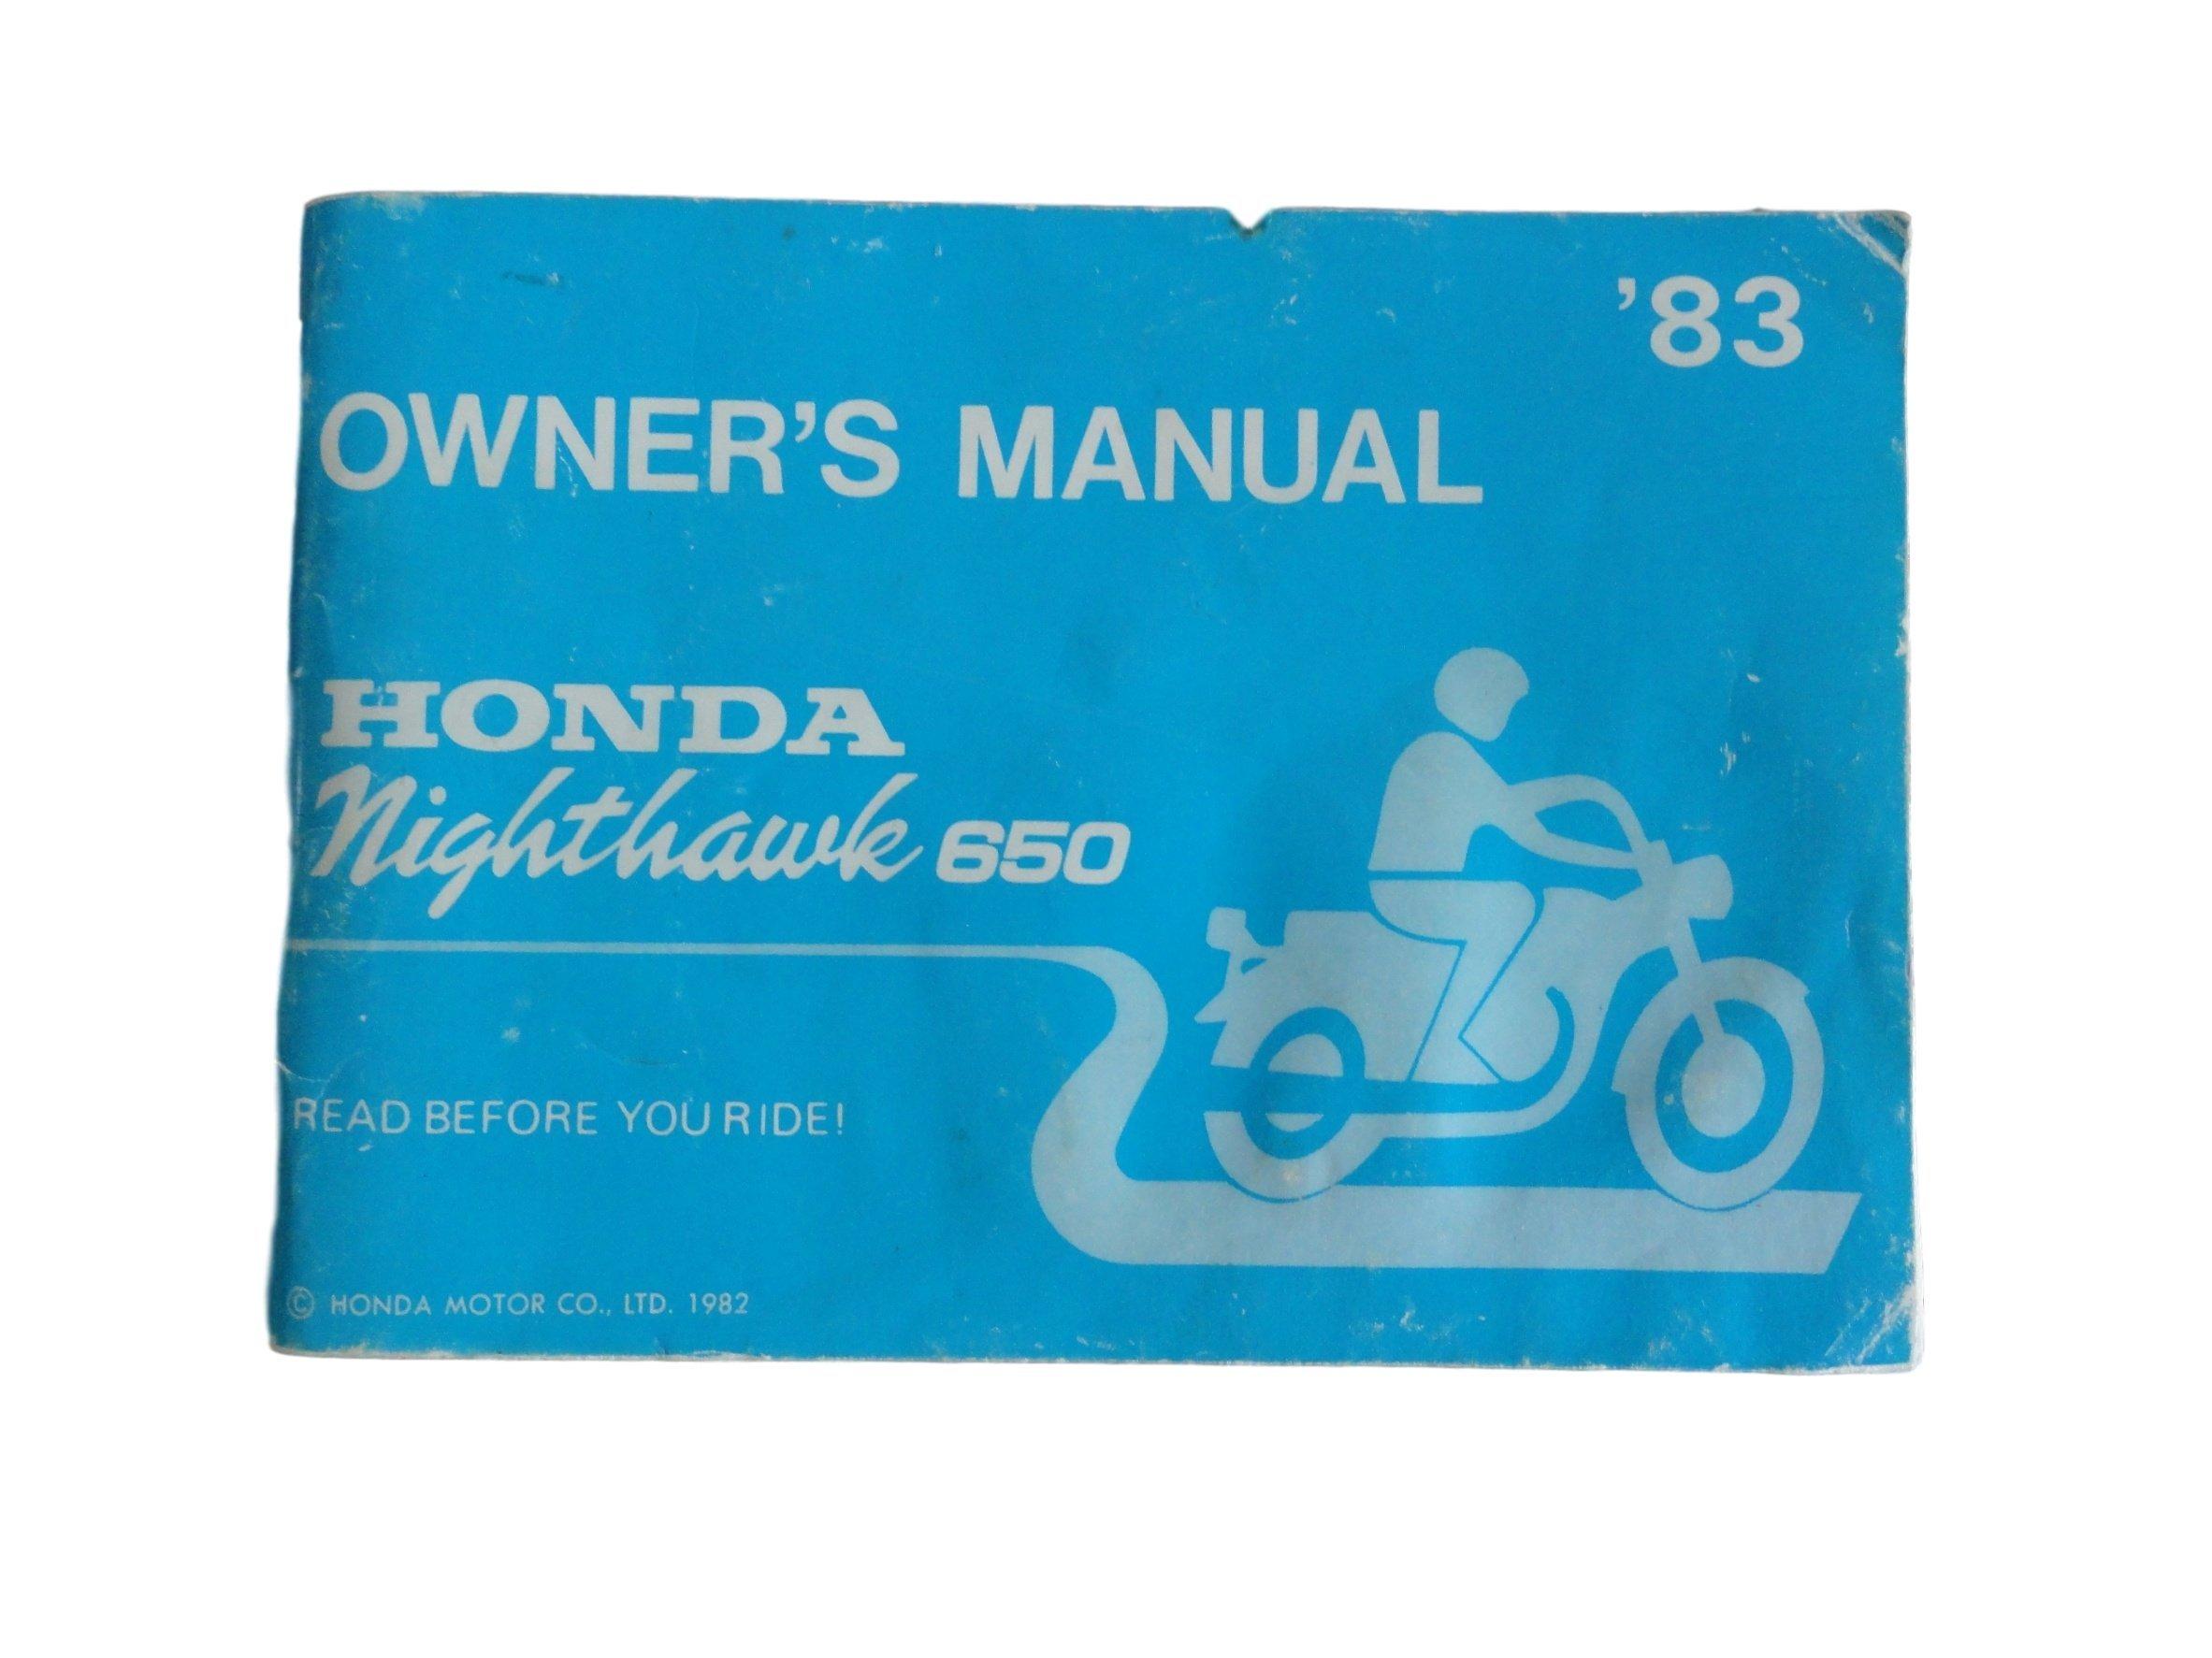 Honda Owners Manual >> 1983 Nighthawk 650 Honda Owners Manual Honda Amazon Com Books